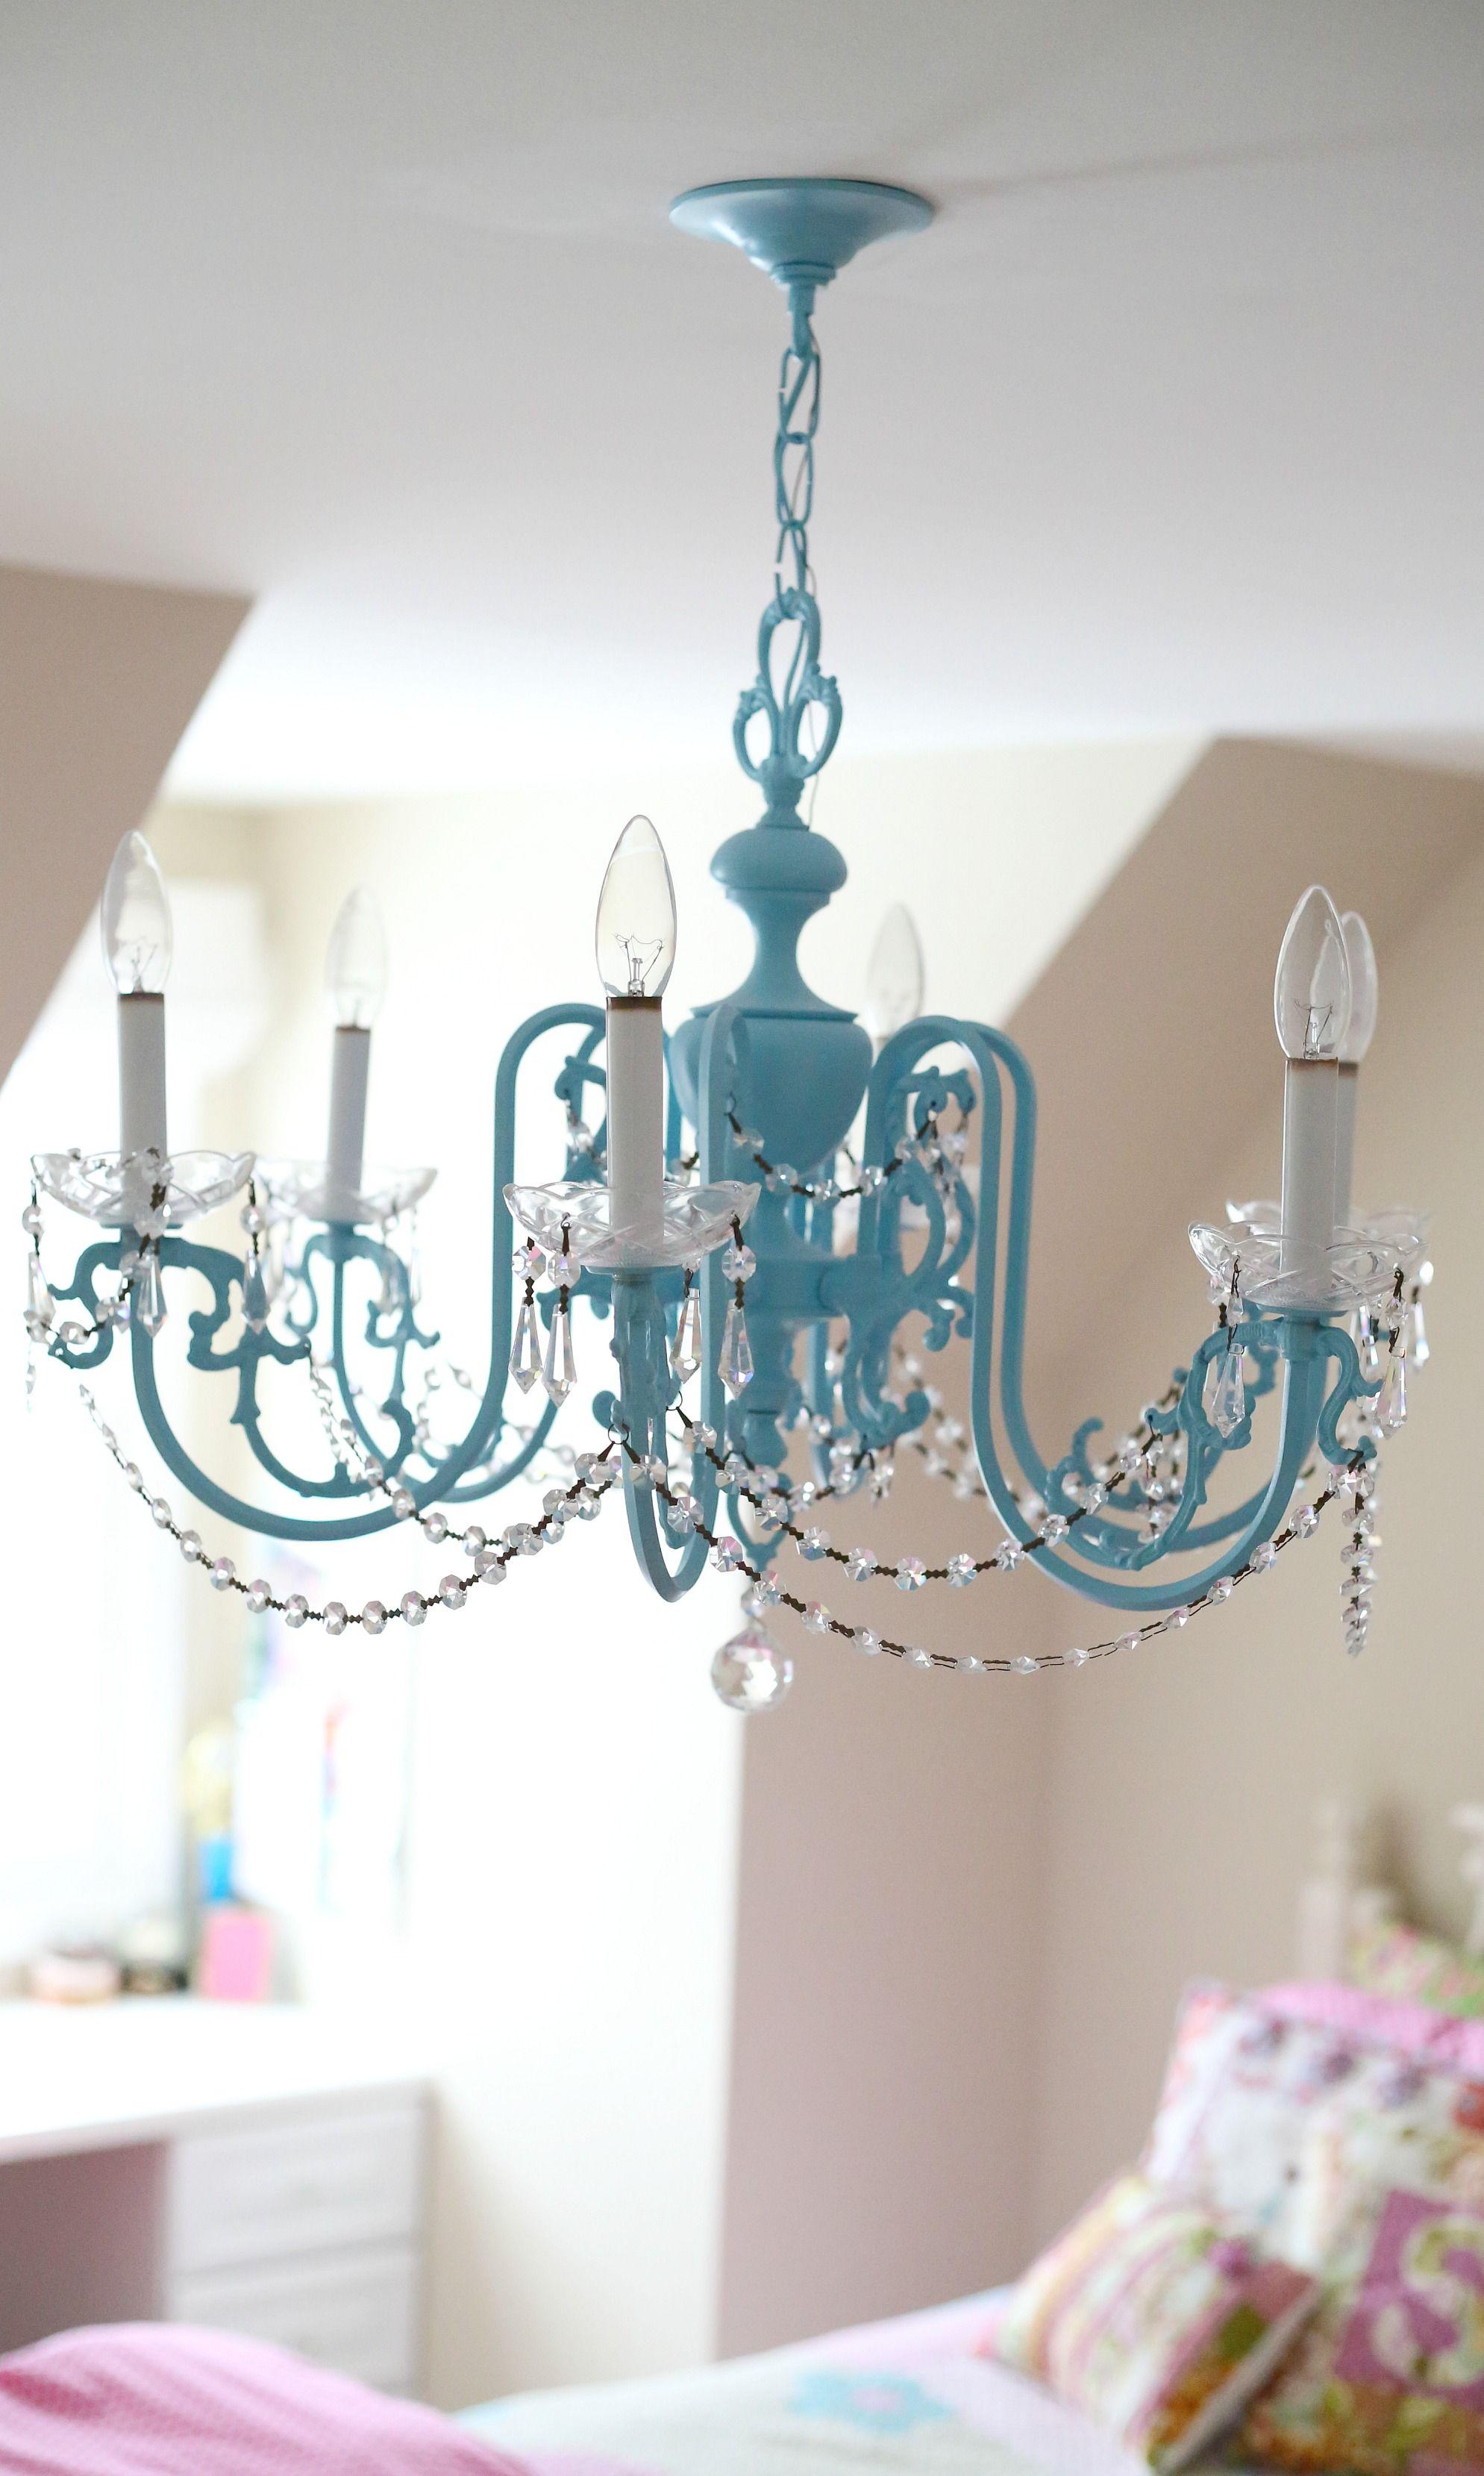 Diy chandelier makeover decor lovely lighting pinterest diy chandelier makeover aloadofball Choice Image